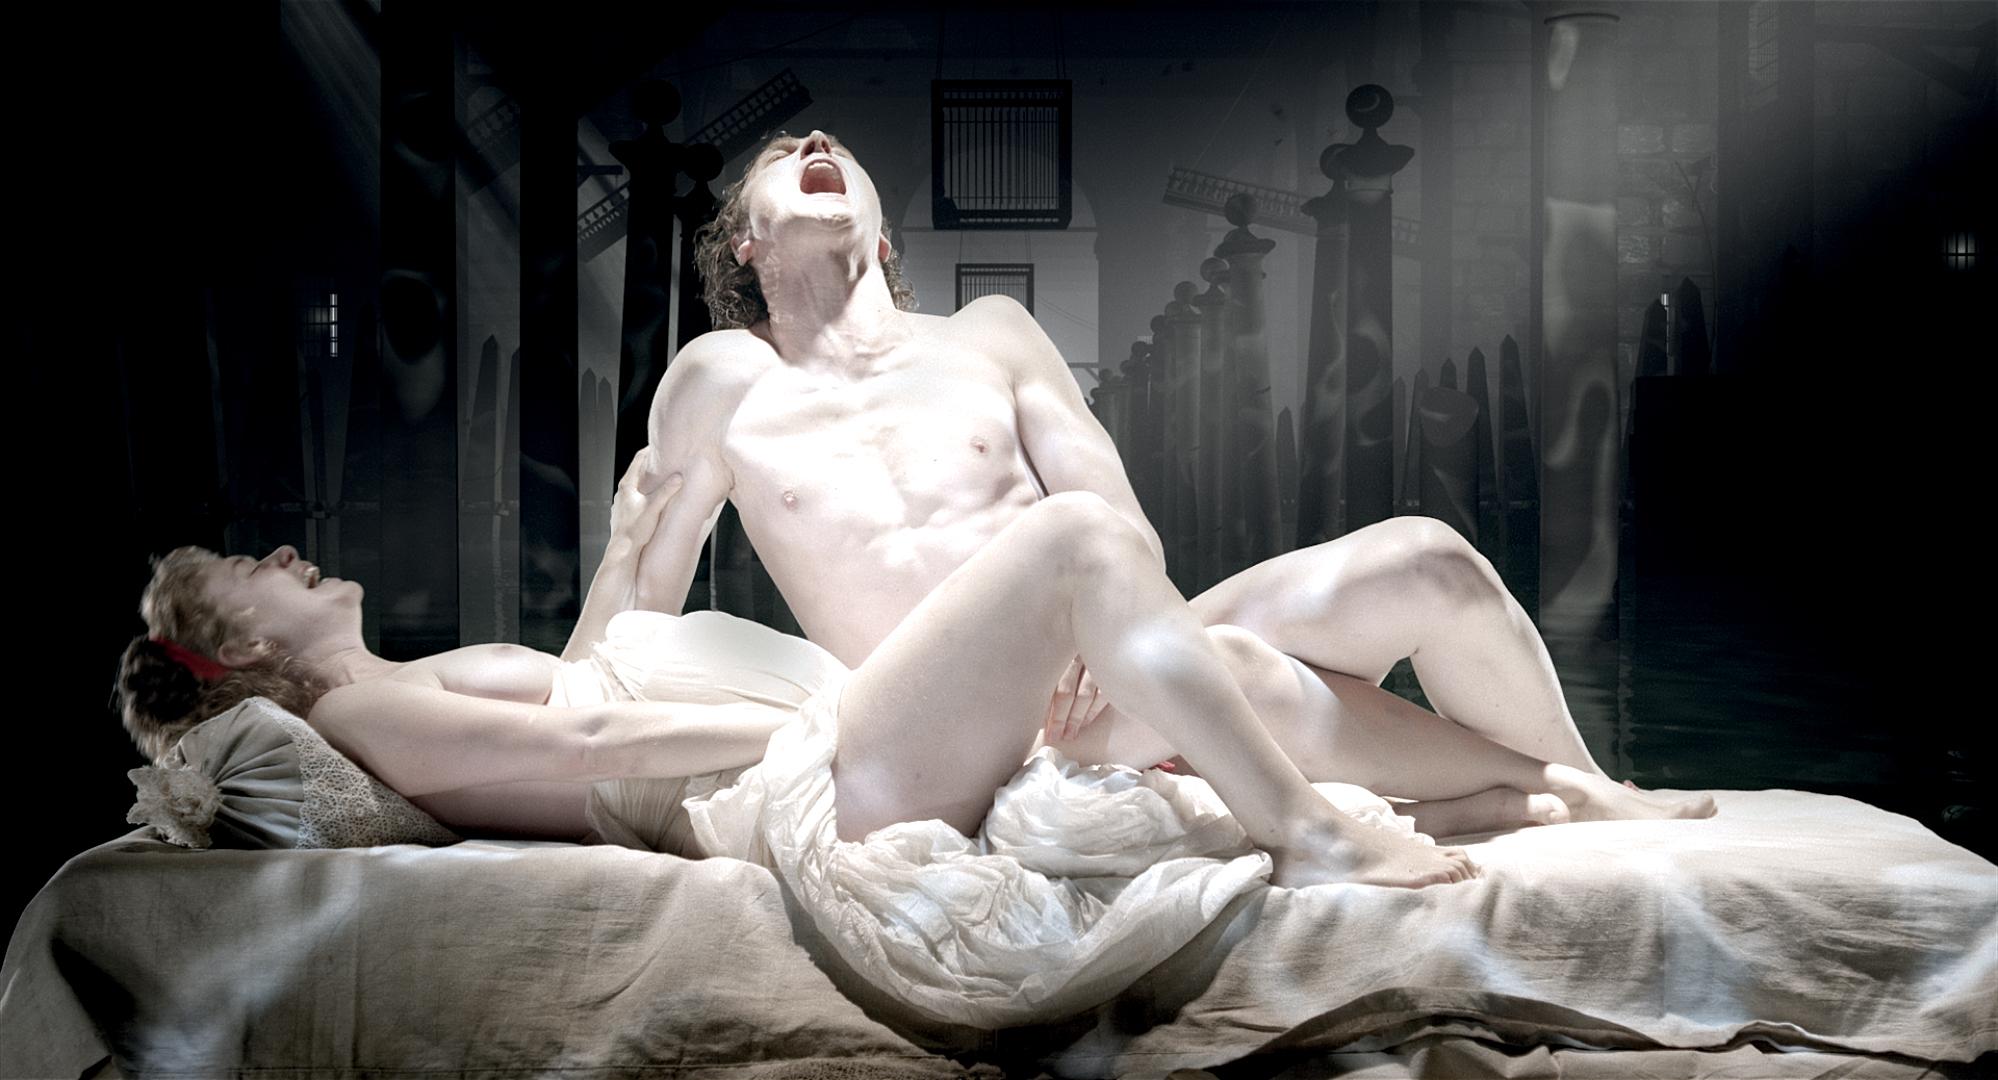 Смотреть бесплатно голые в театре, Видео 14 фотография